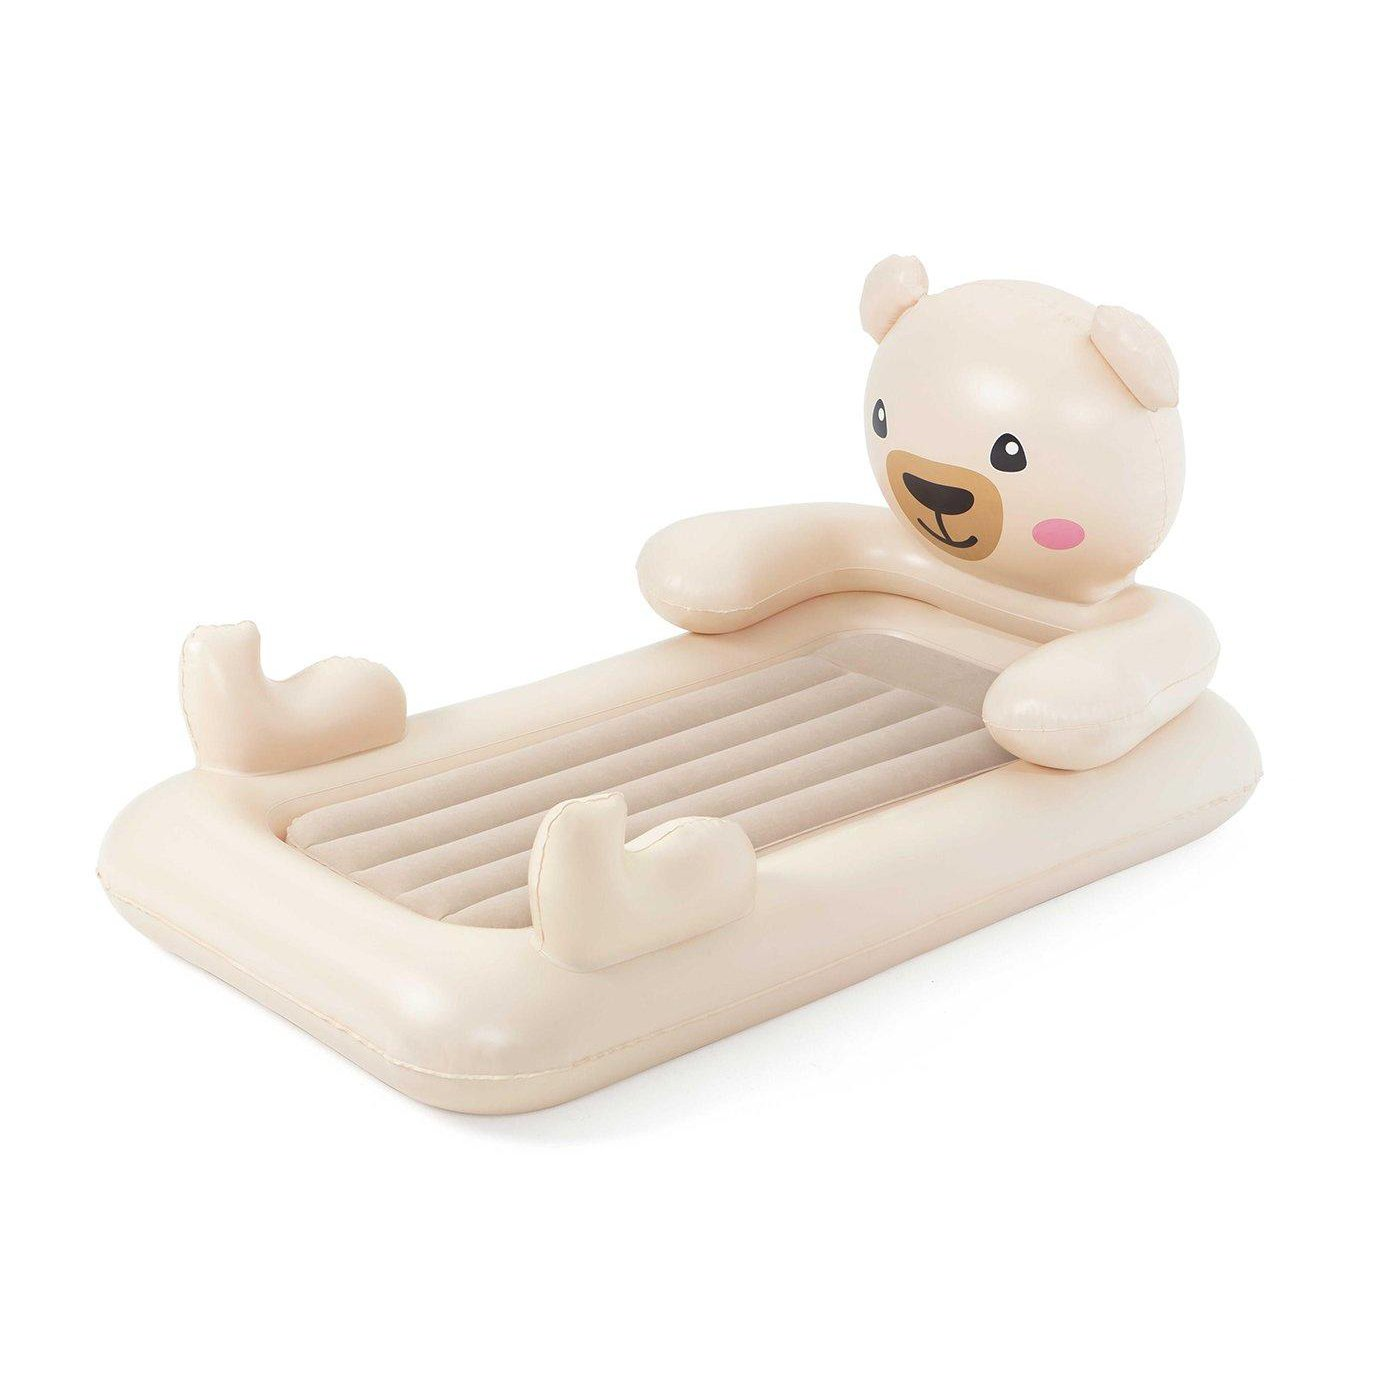 image-Bestway Kids Air Bed Teddy Bear